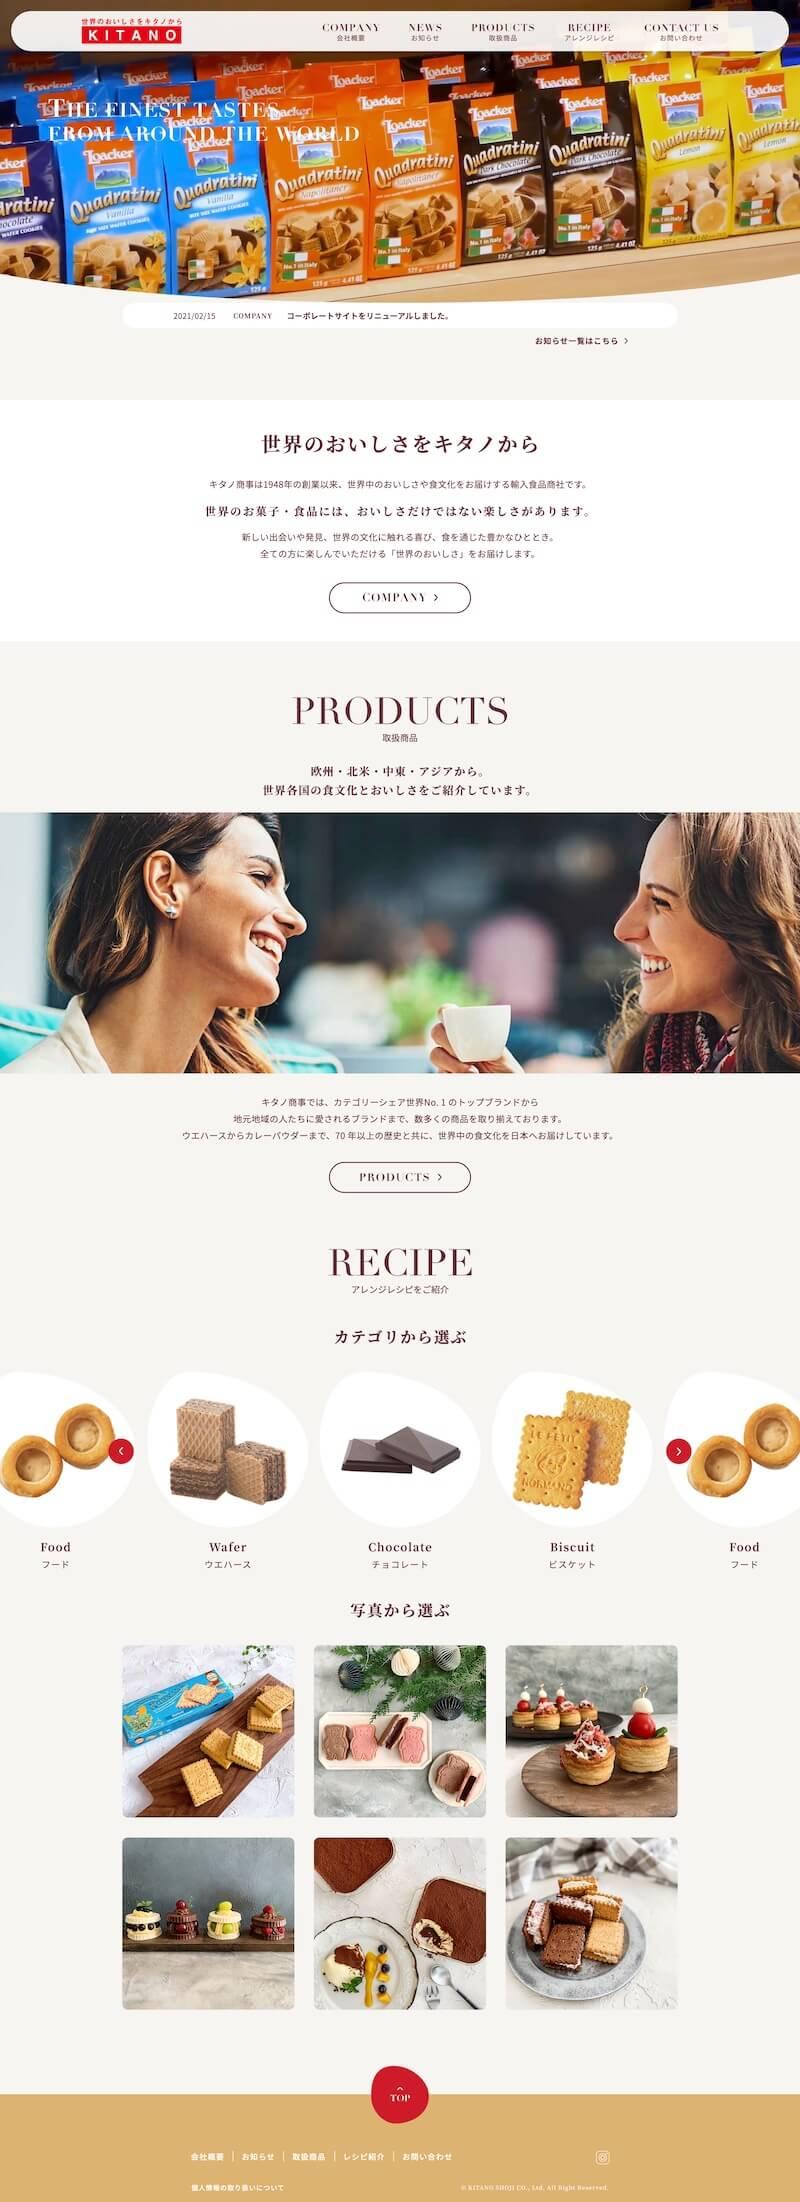 キタノ商事TOPページキャプチャ画像